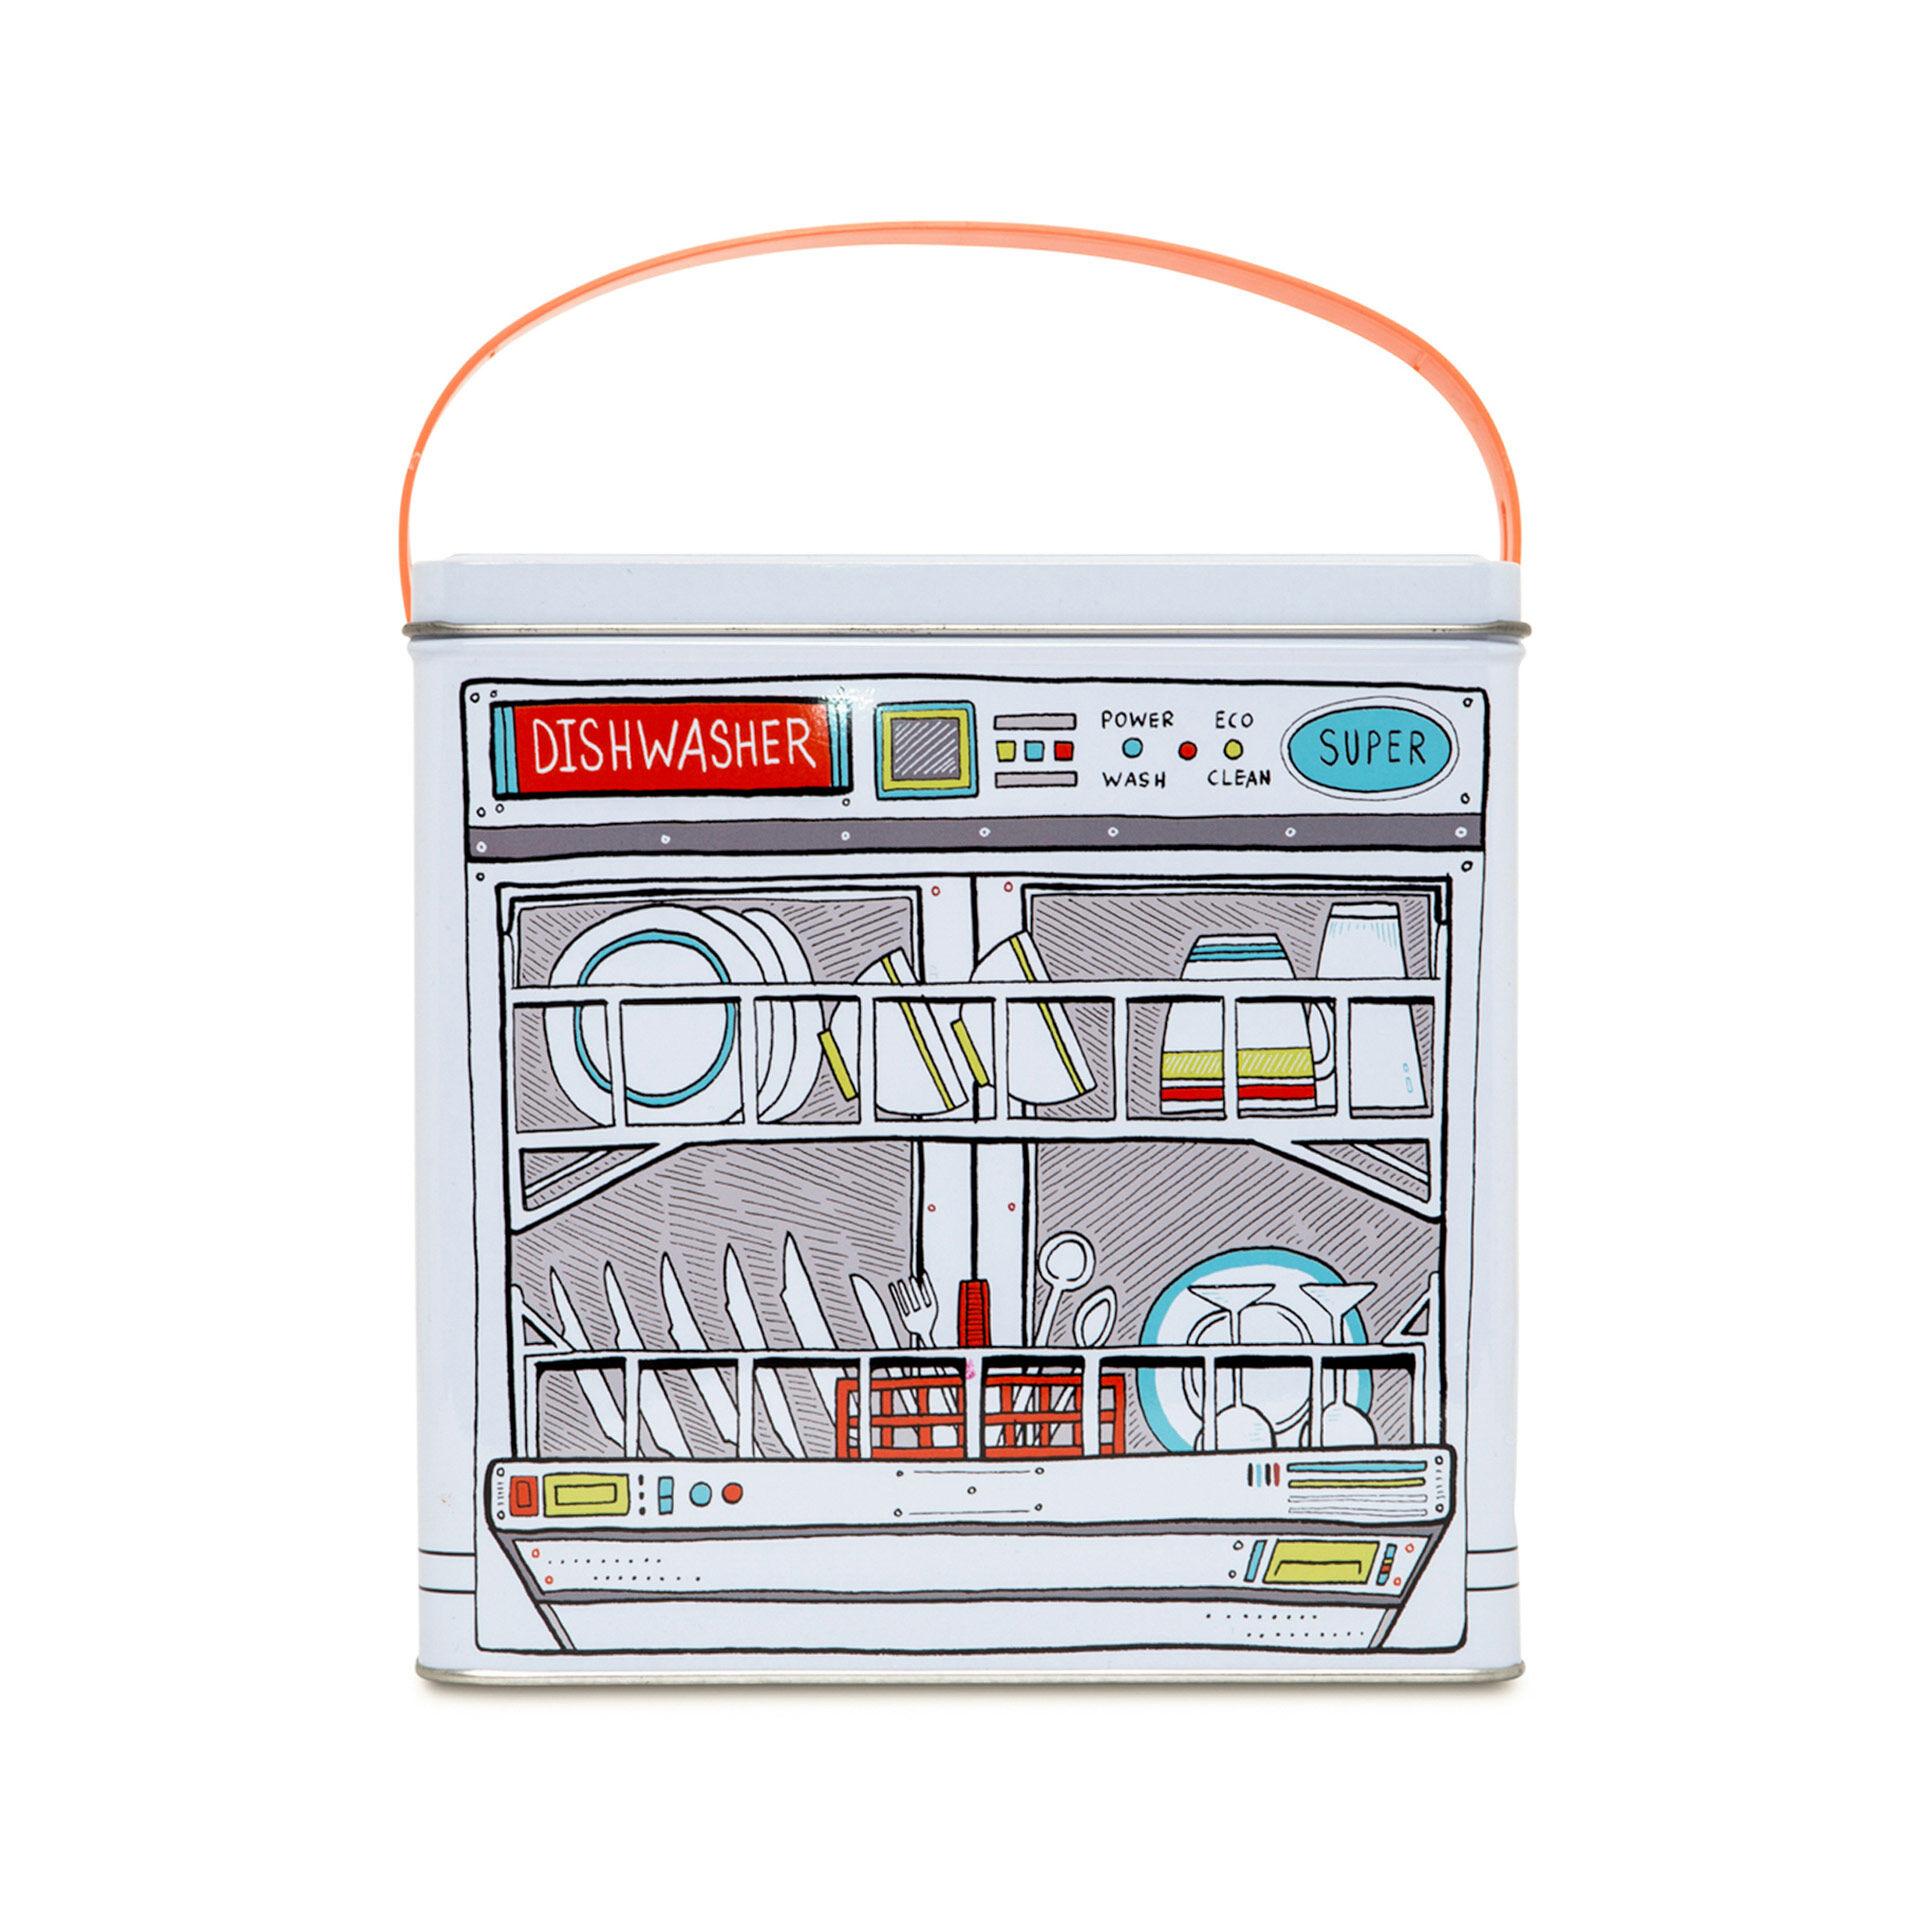 Récipient métallique pour détergent lave-vaisselle, , large